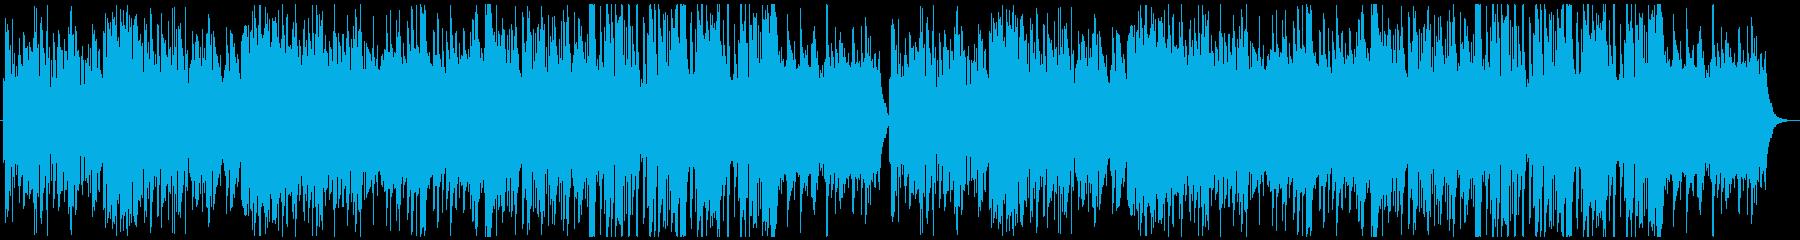 ファンシー&軽快なオーケストラの再生済みの波形